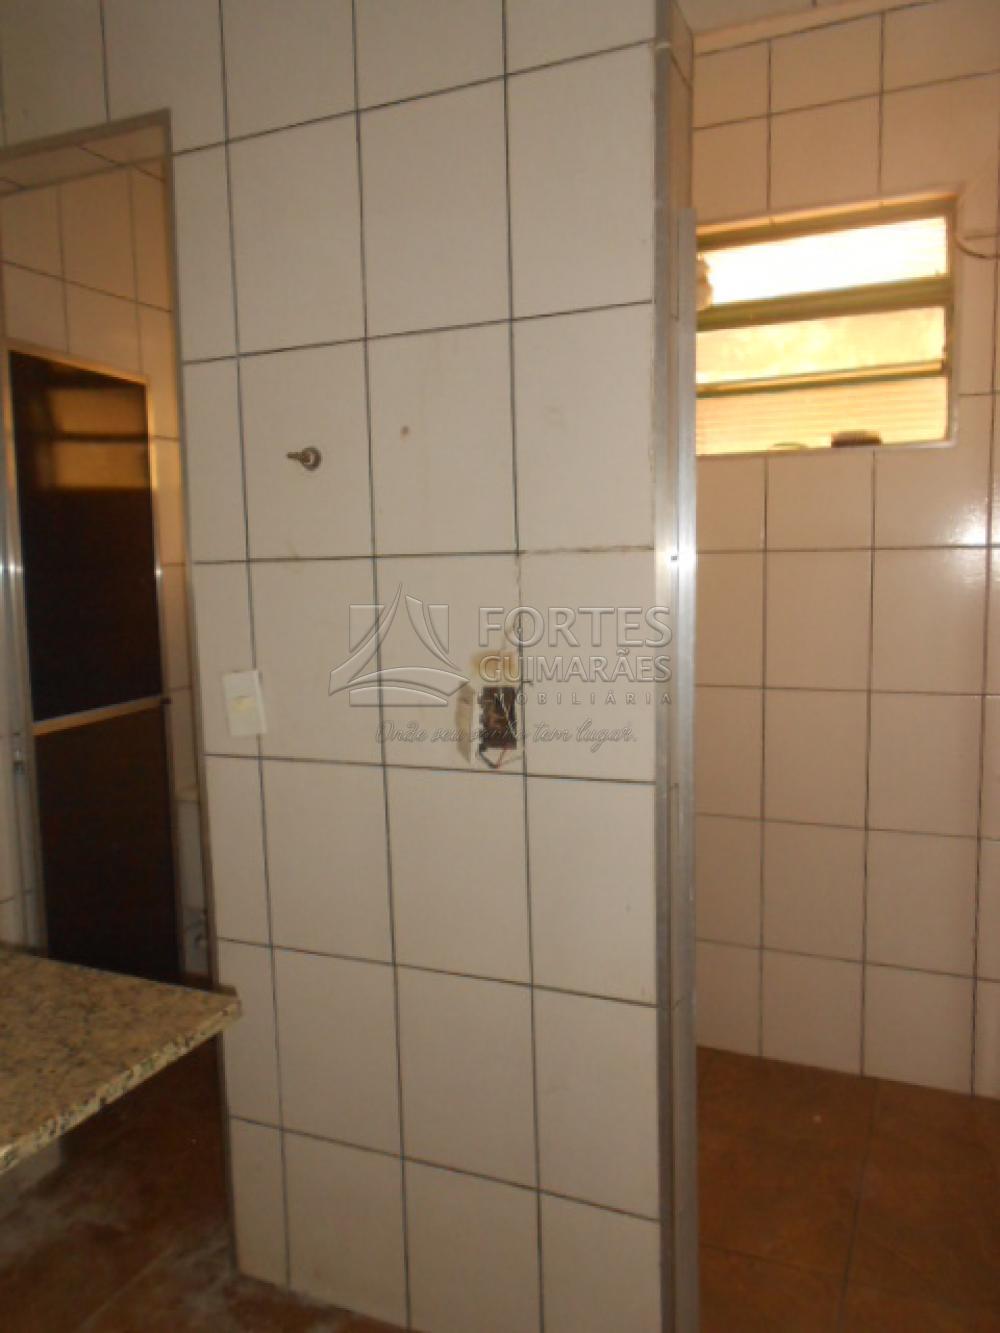 Alugar Comercial / Salão em Ribeirão Preto apenas R$ 3.200,00 - Foto 14